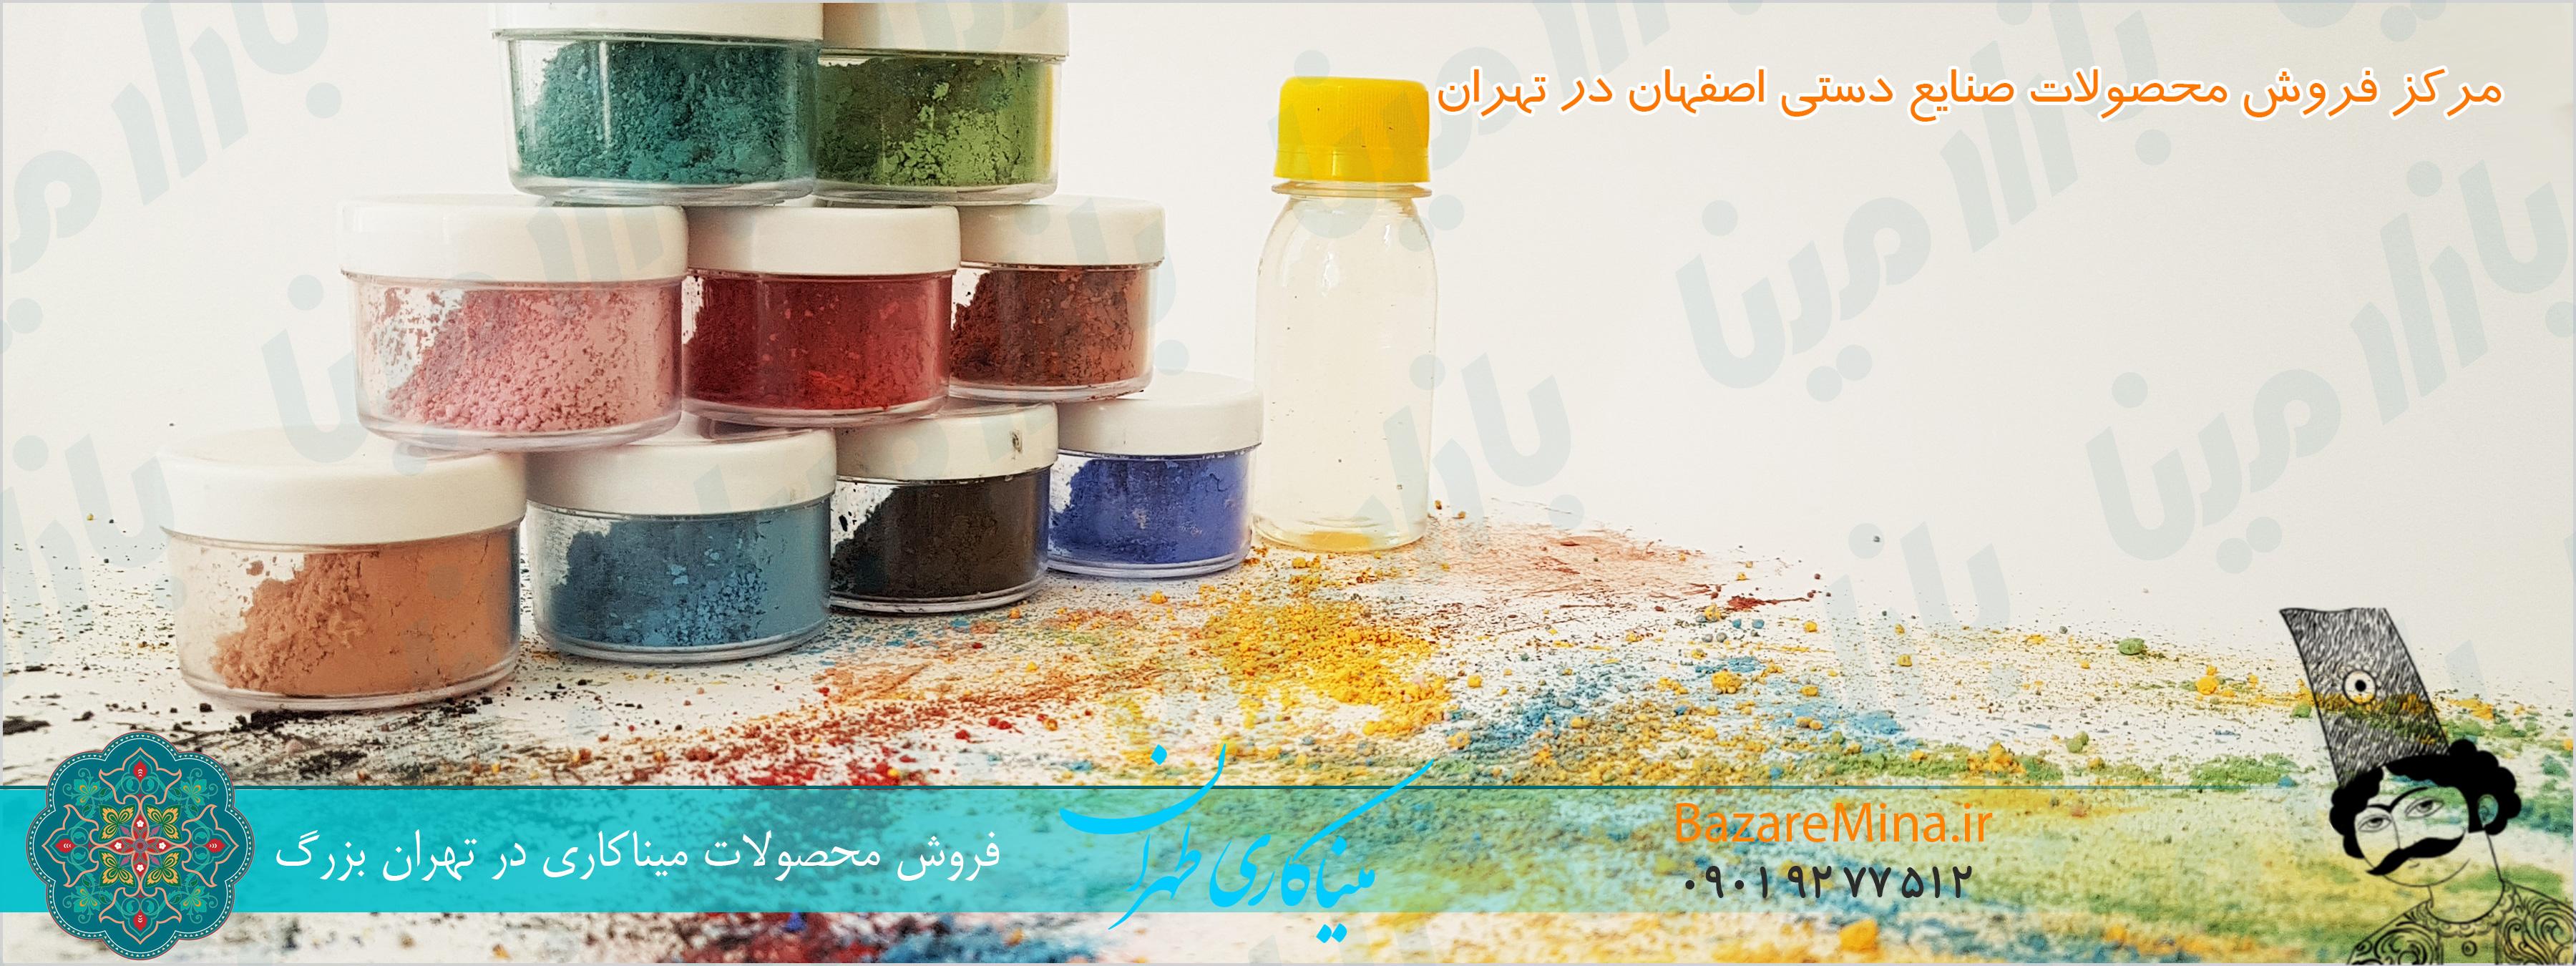 قیمت رنگ میناکاری تهران